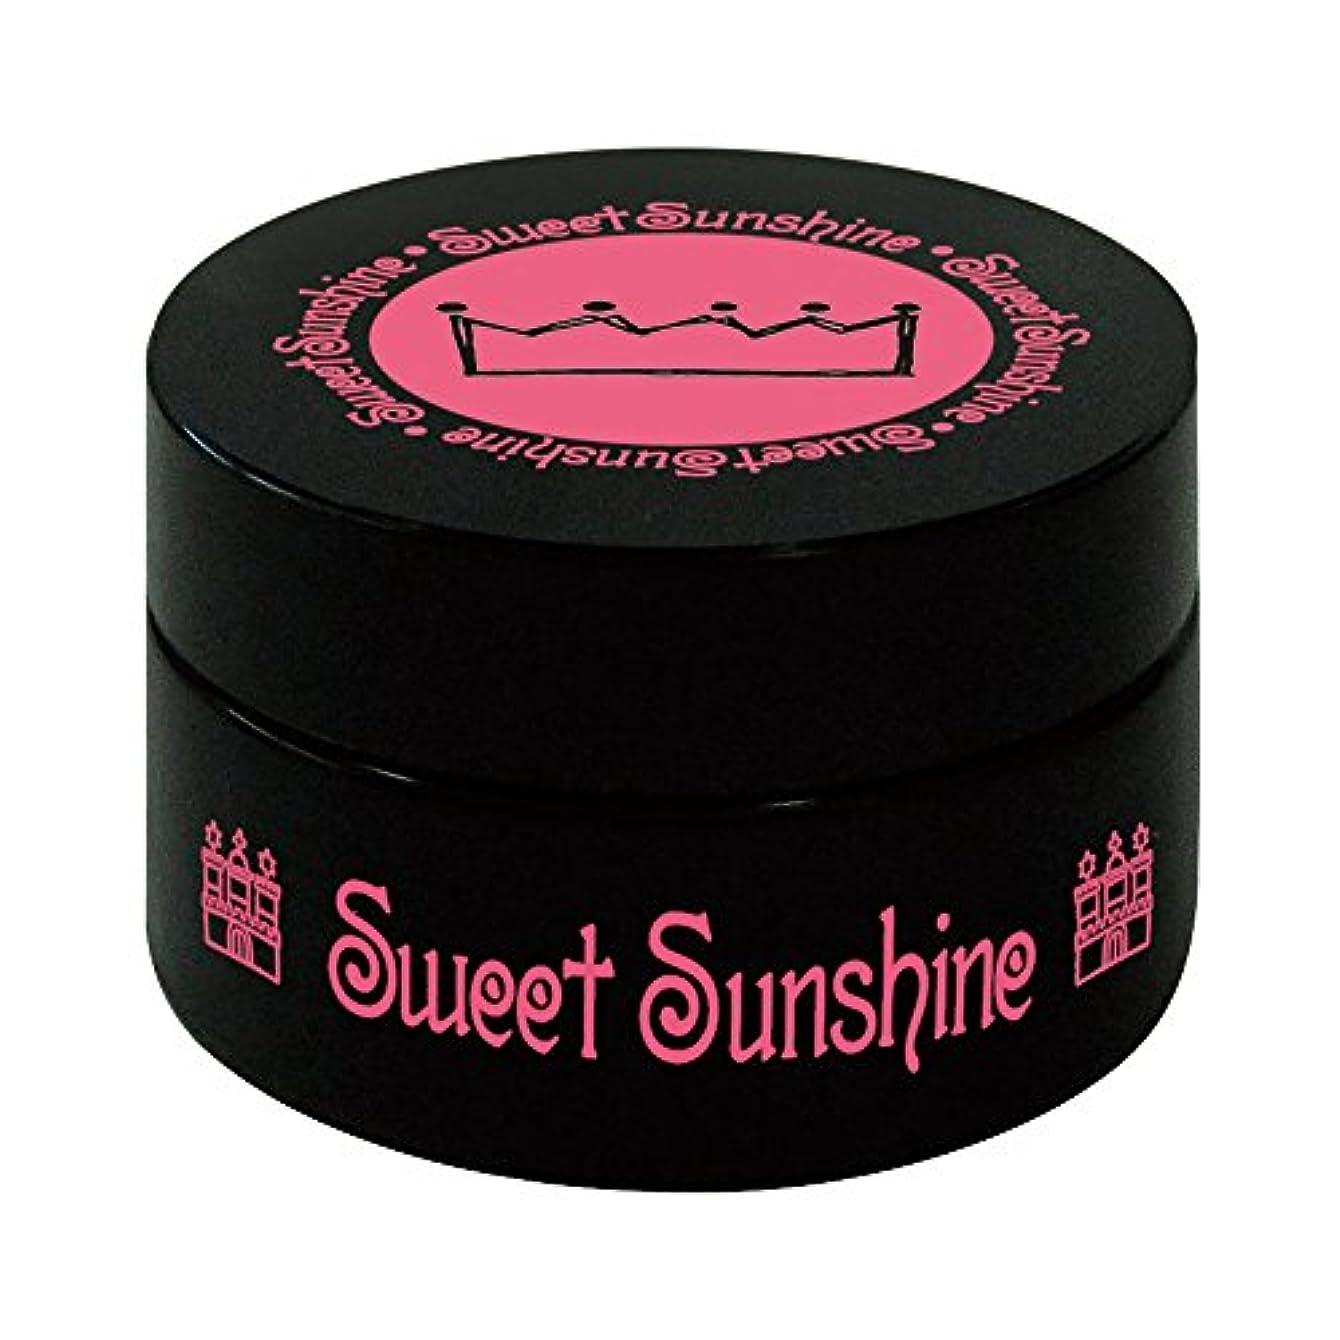 福祉守銭奴影響する最速硬化LED対応 Sweet Sunshine スィート サンシャイン カラージェル SC-5 4g サンシャインビーチレッド